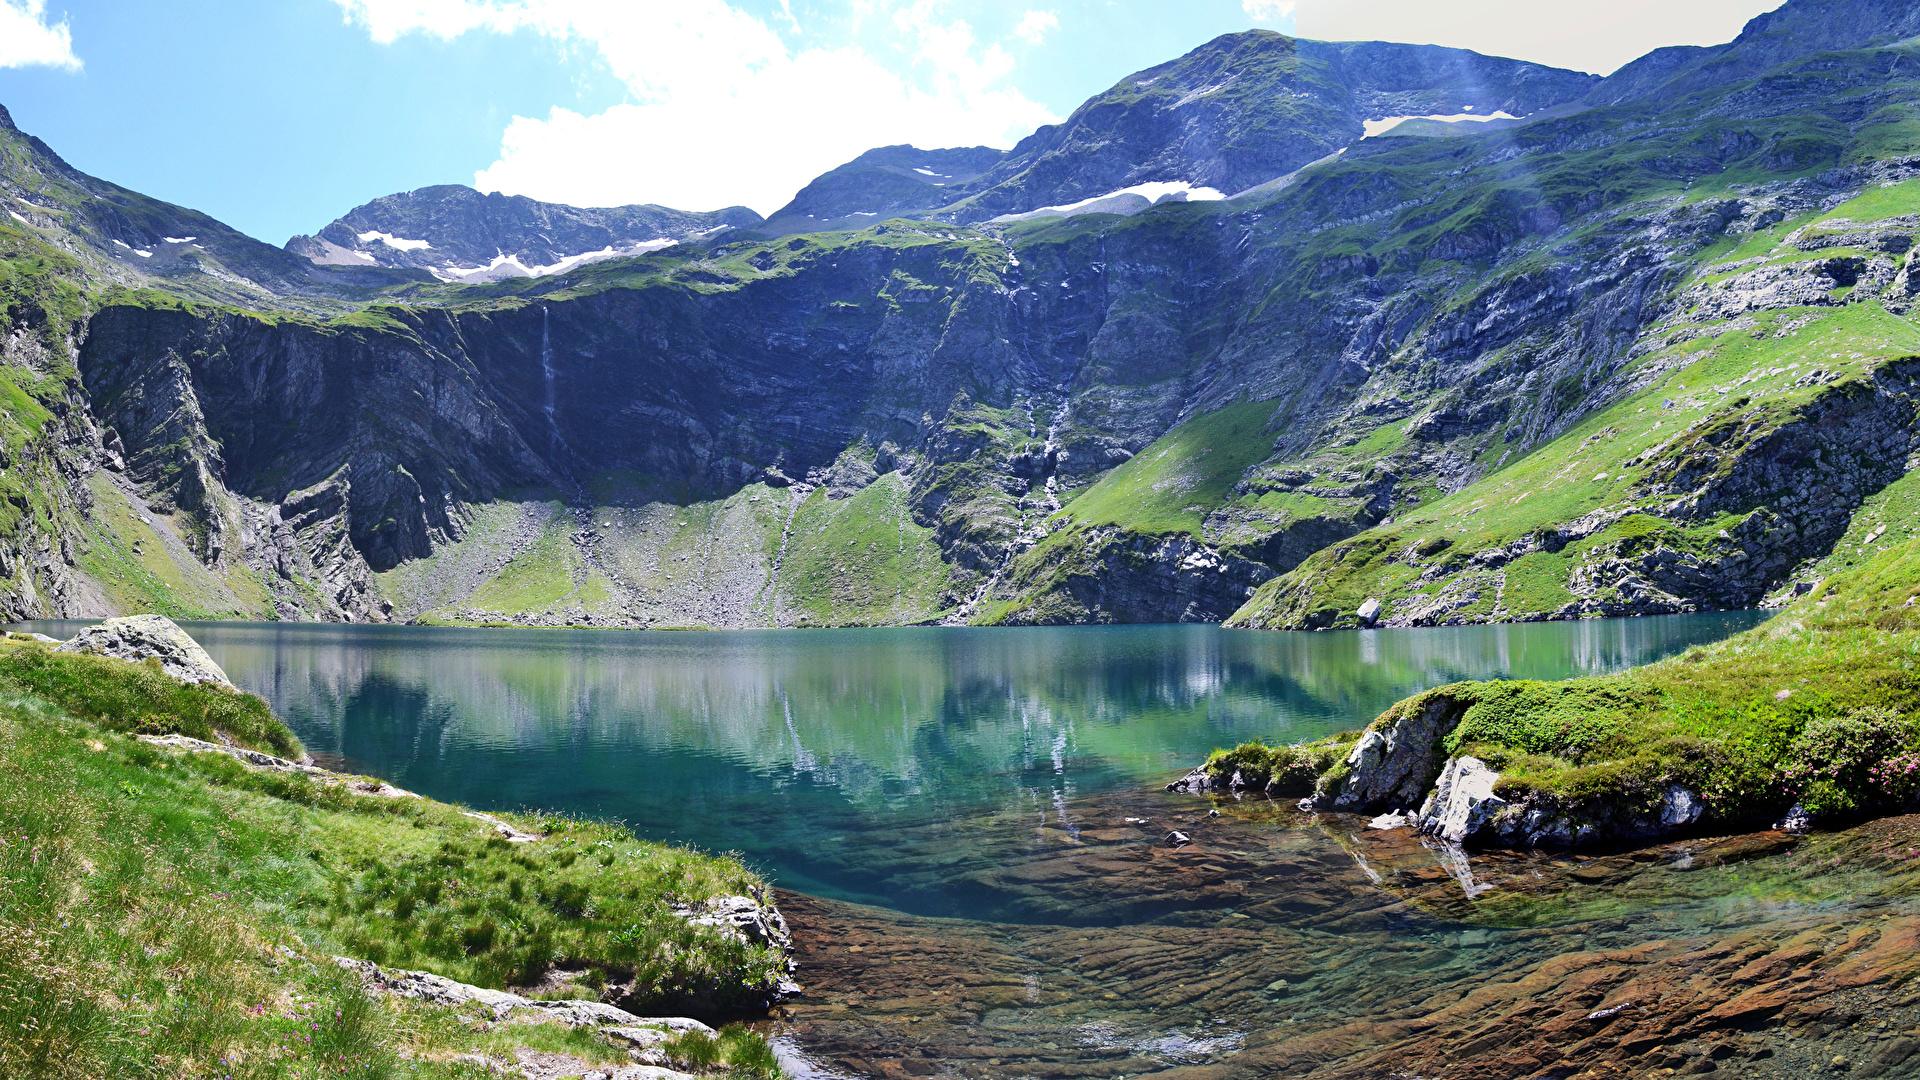 Картинка альп Италия Val Gardena гора Природа Озеро мха 1920x1080 Альпы Горы Мох мхом